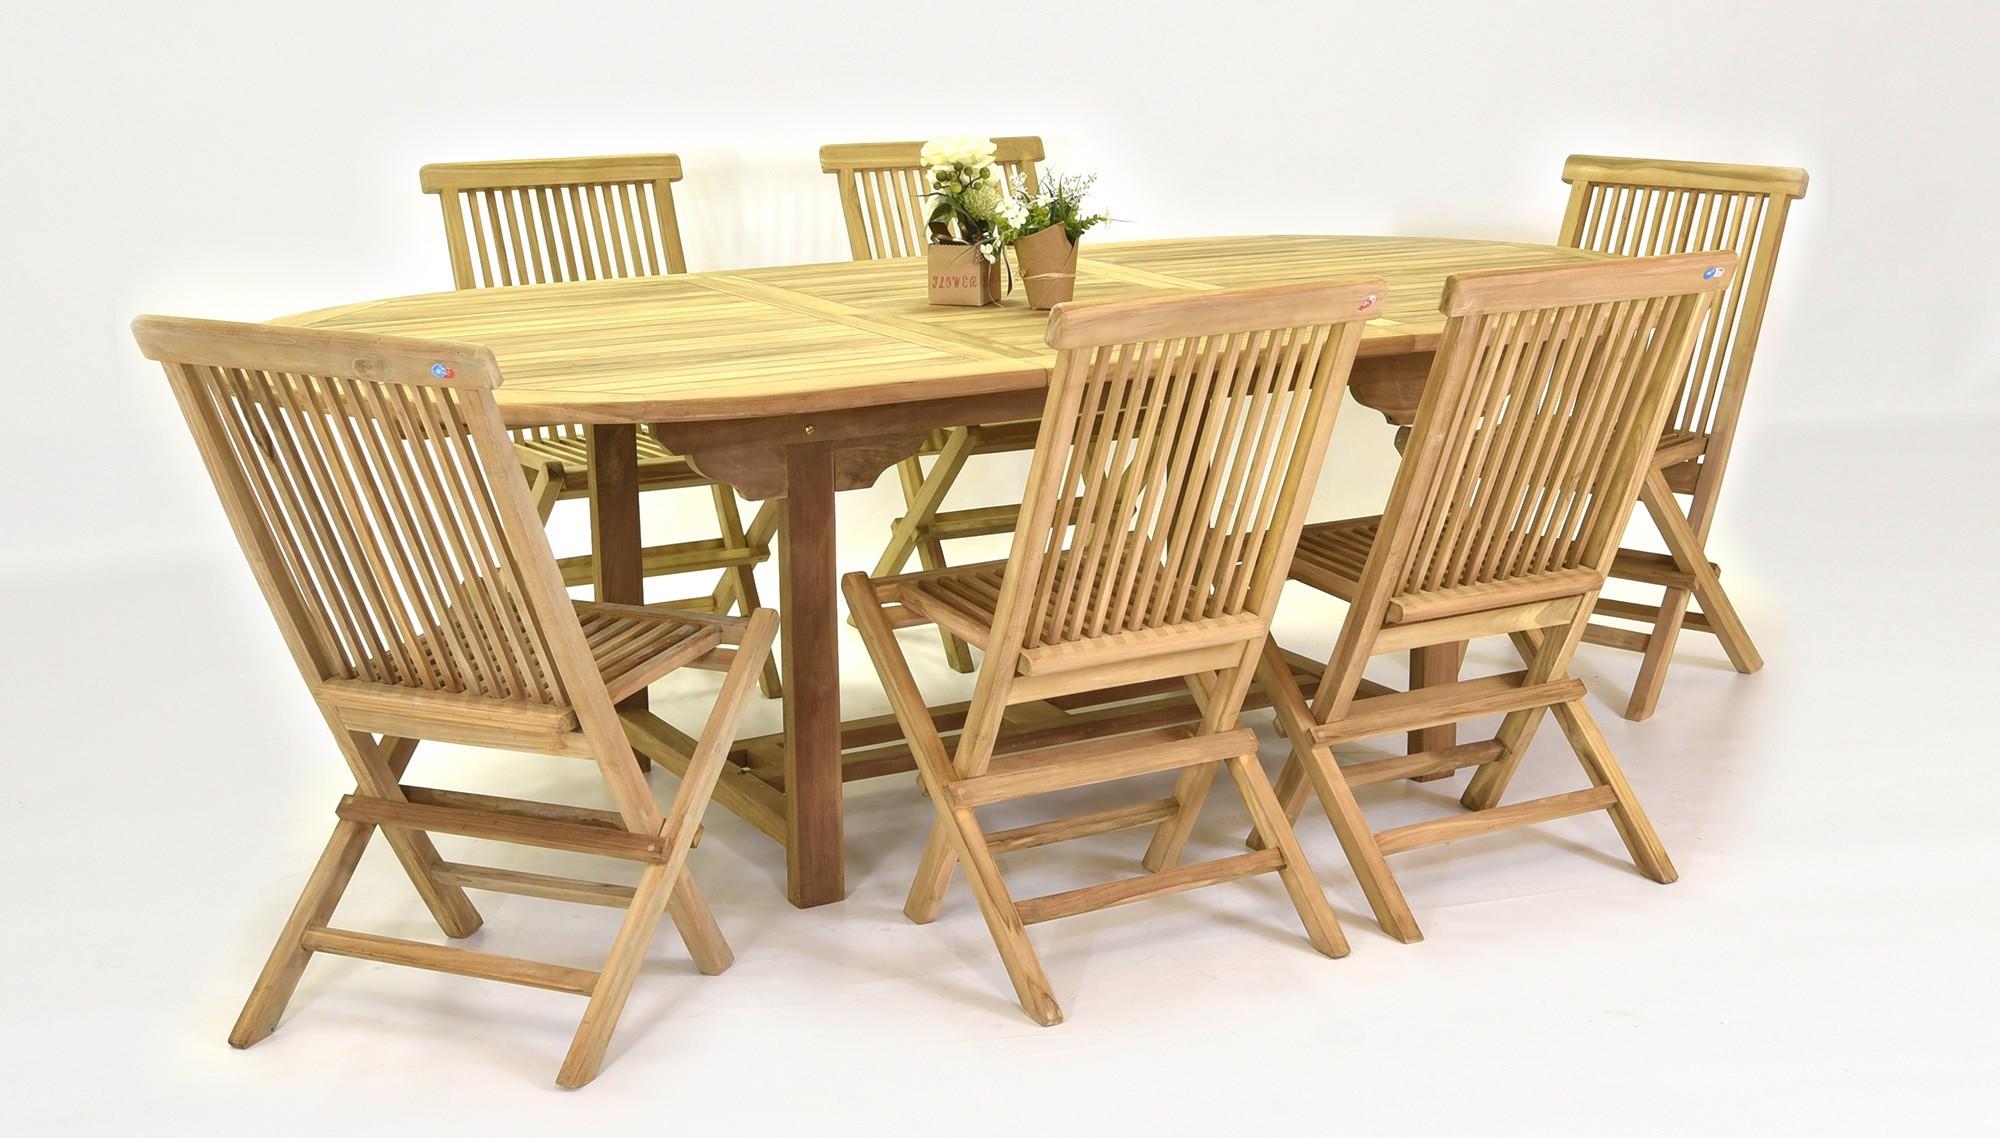 Záhradný nábytok teak - anglický dizajn